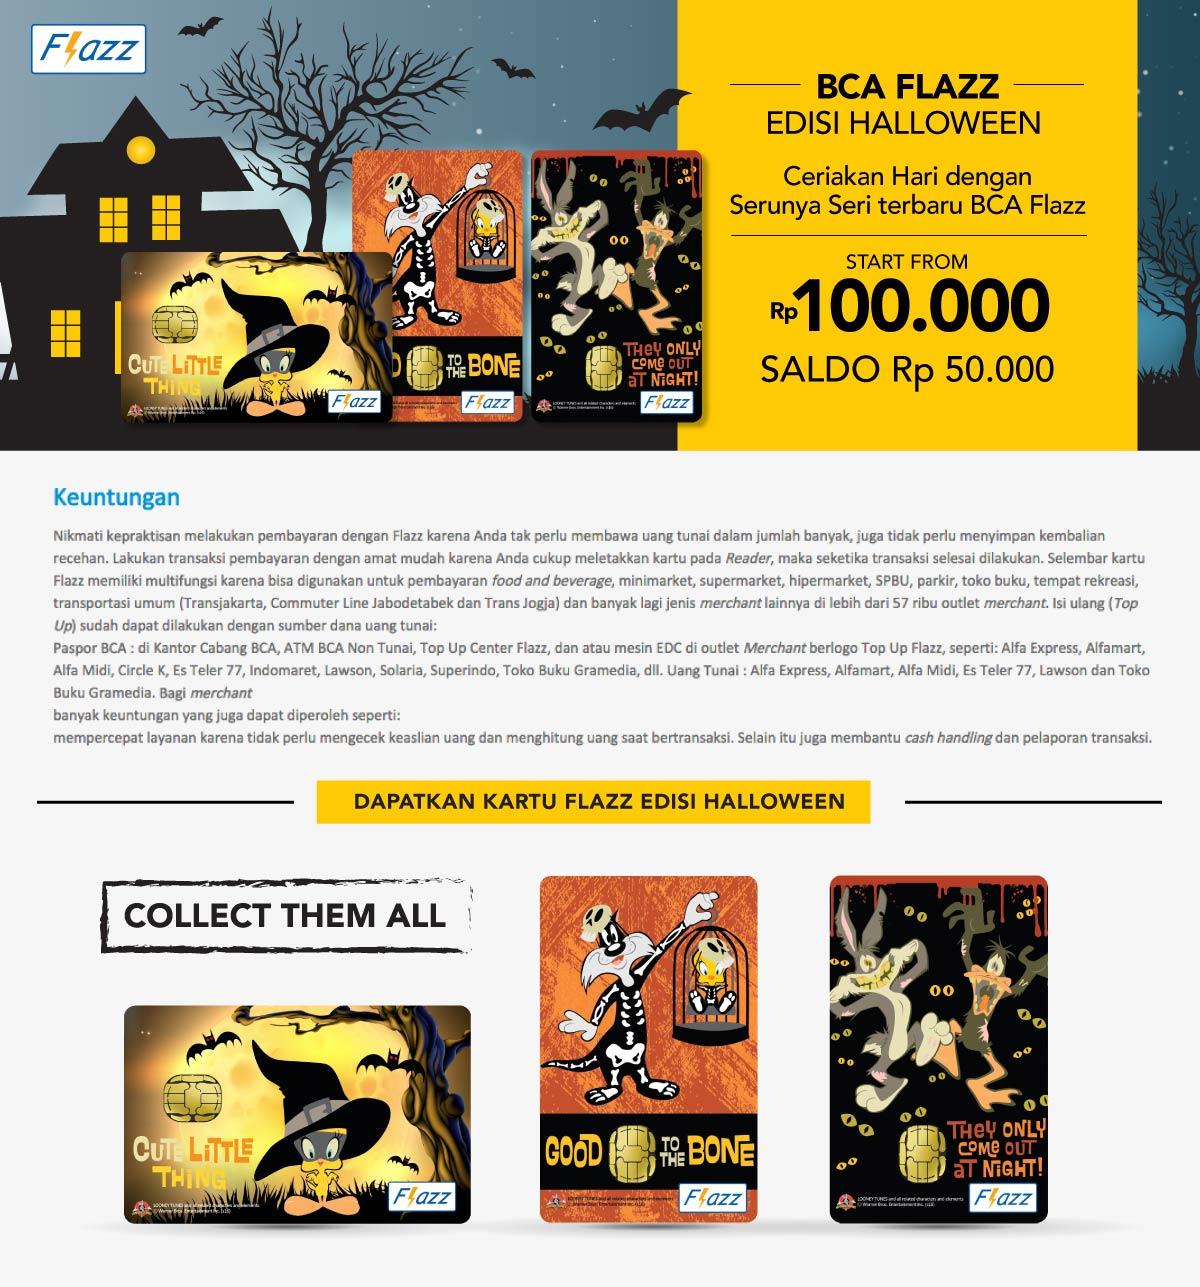 Kartu Flazz Bca Avengers Daftar Harga Terbaru Dan Terlengkap Indonesia Custom Supreme Donuts Page 4 Update